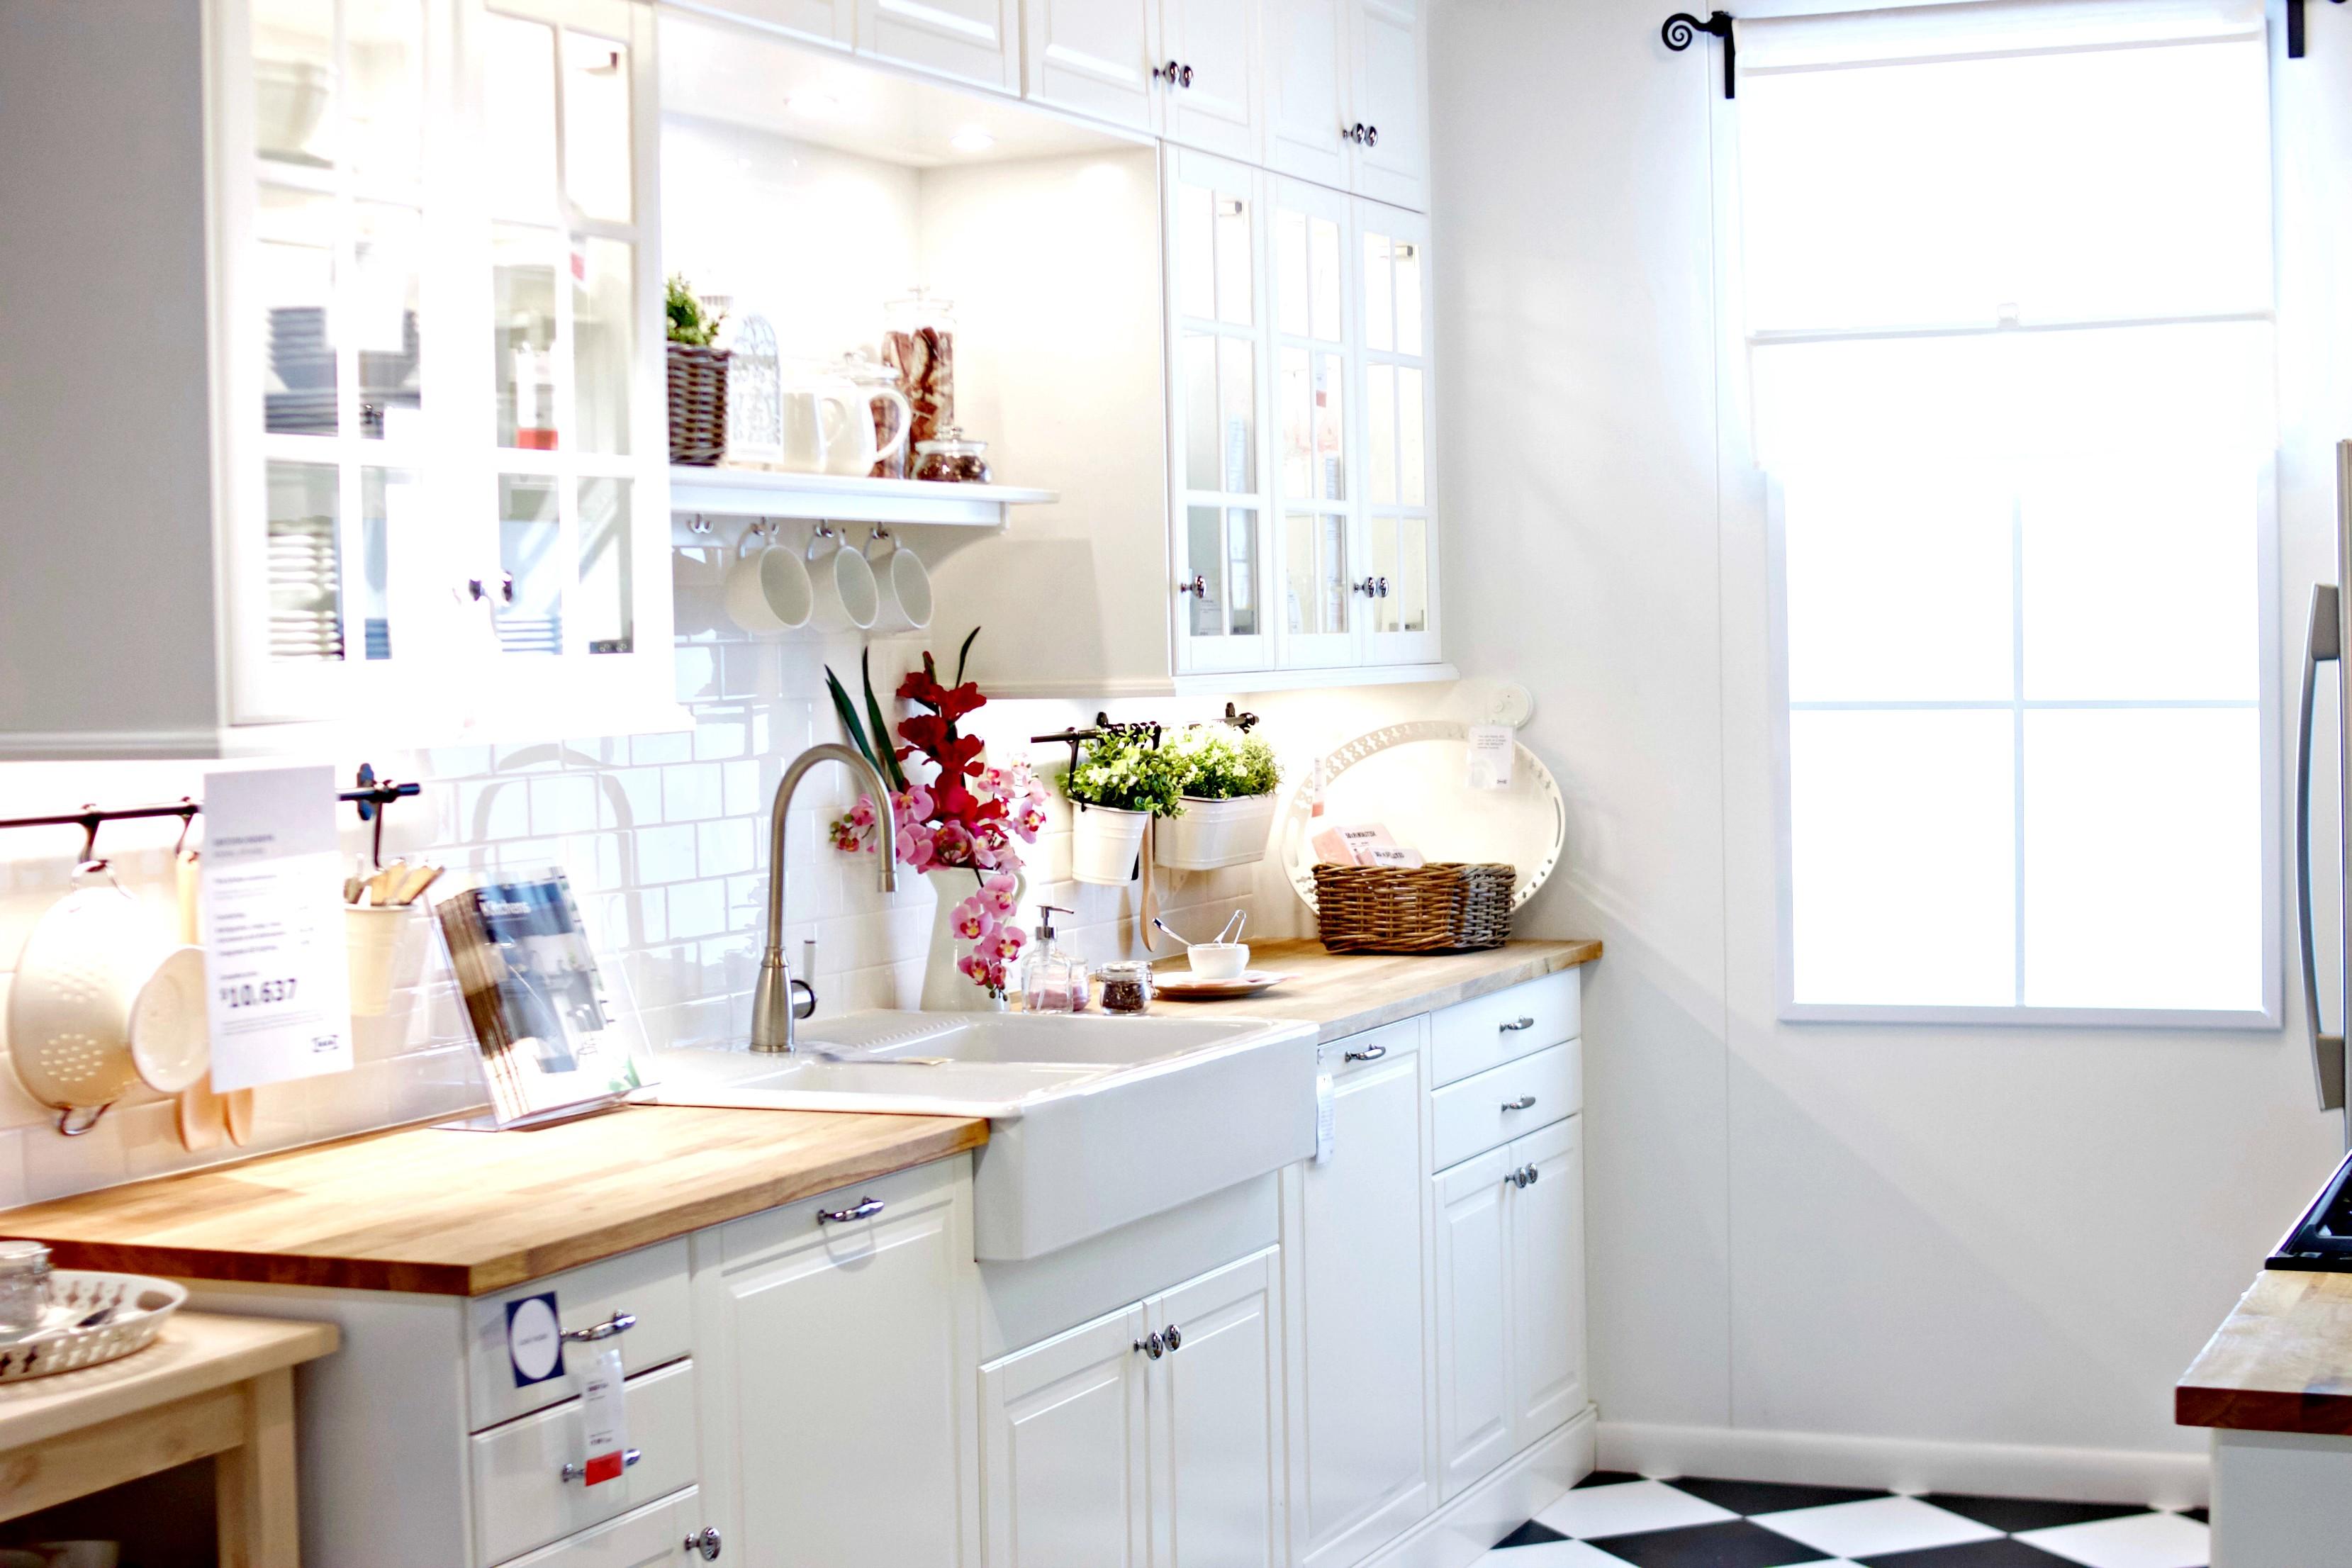 Attractive Country Kitchen Dodgeville Wi Sketch - Best Kitchen Ideas ...